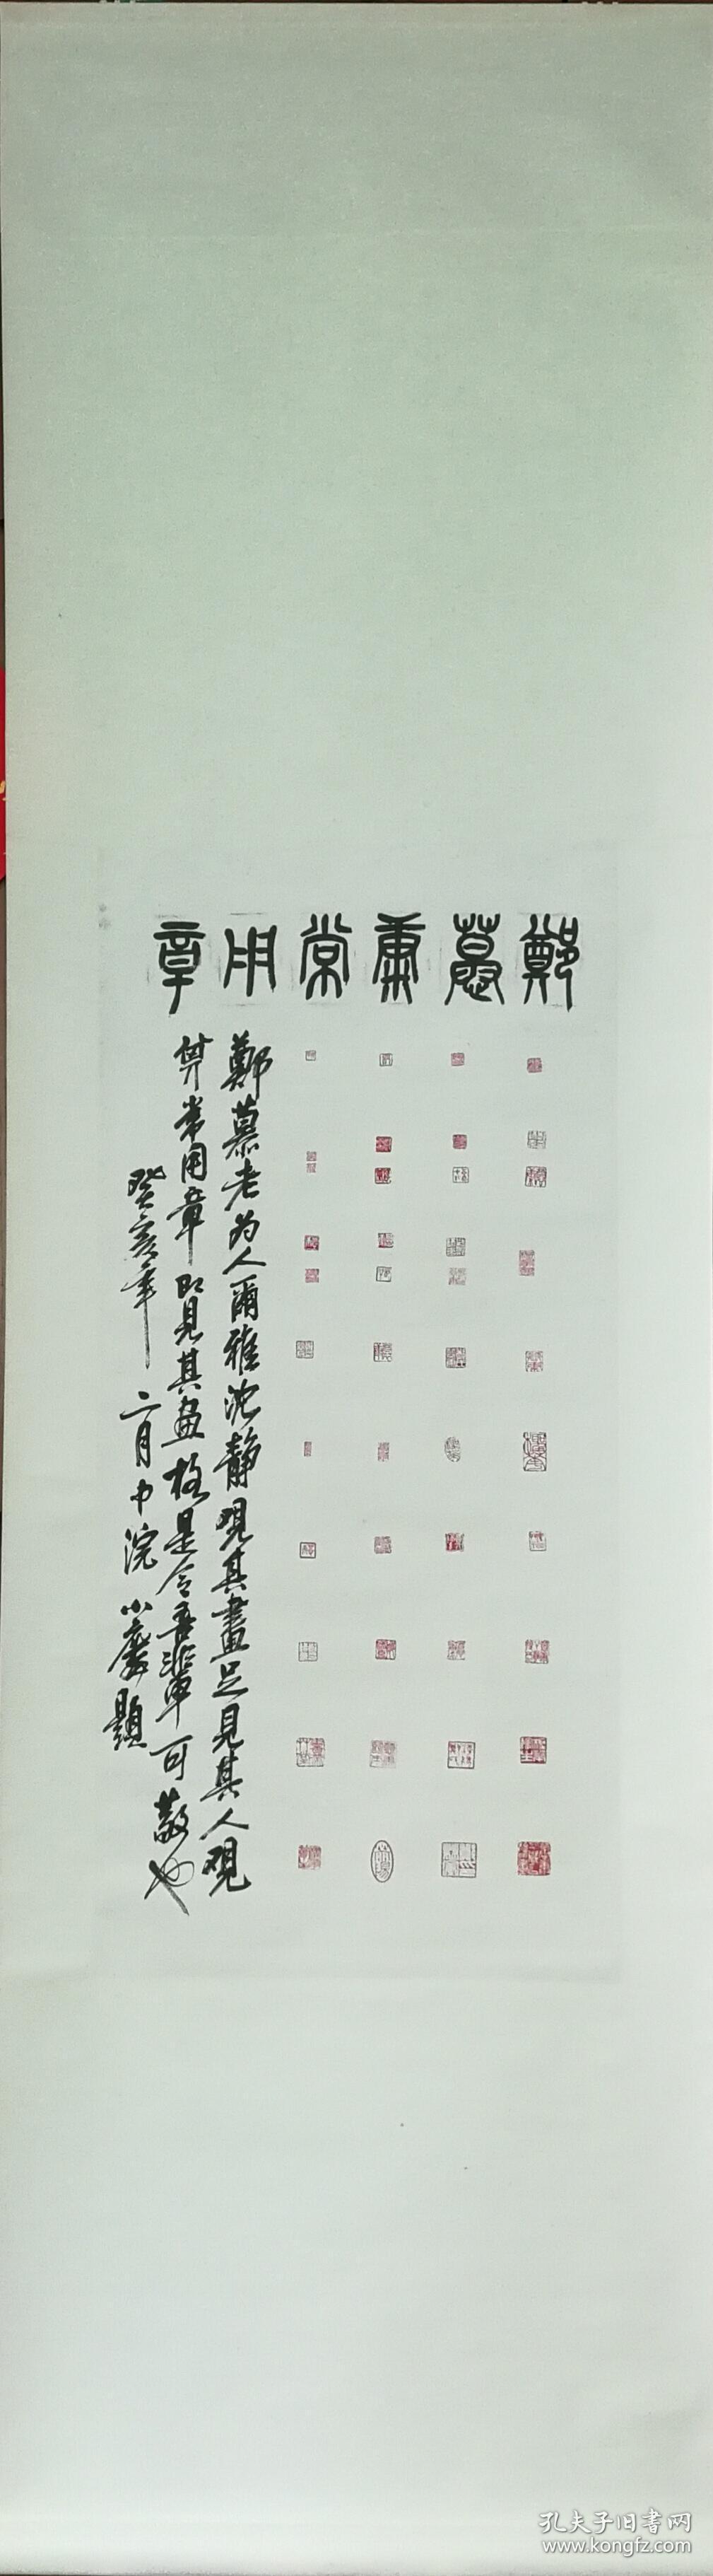 郑慕康常用章~印蜕